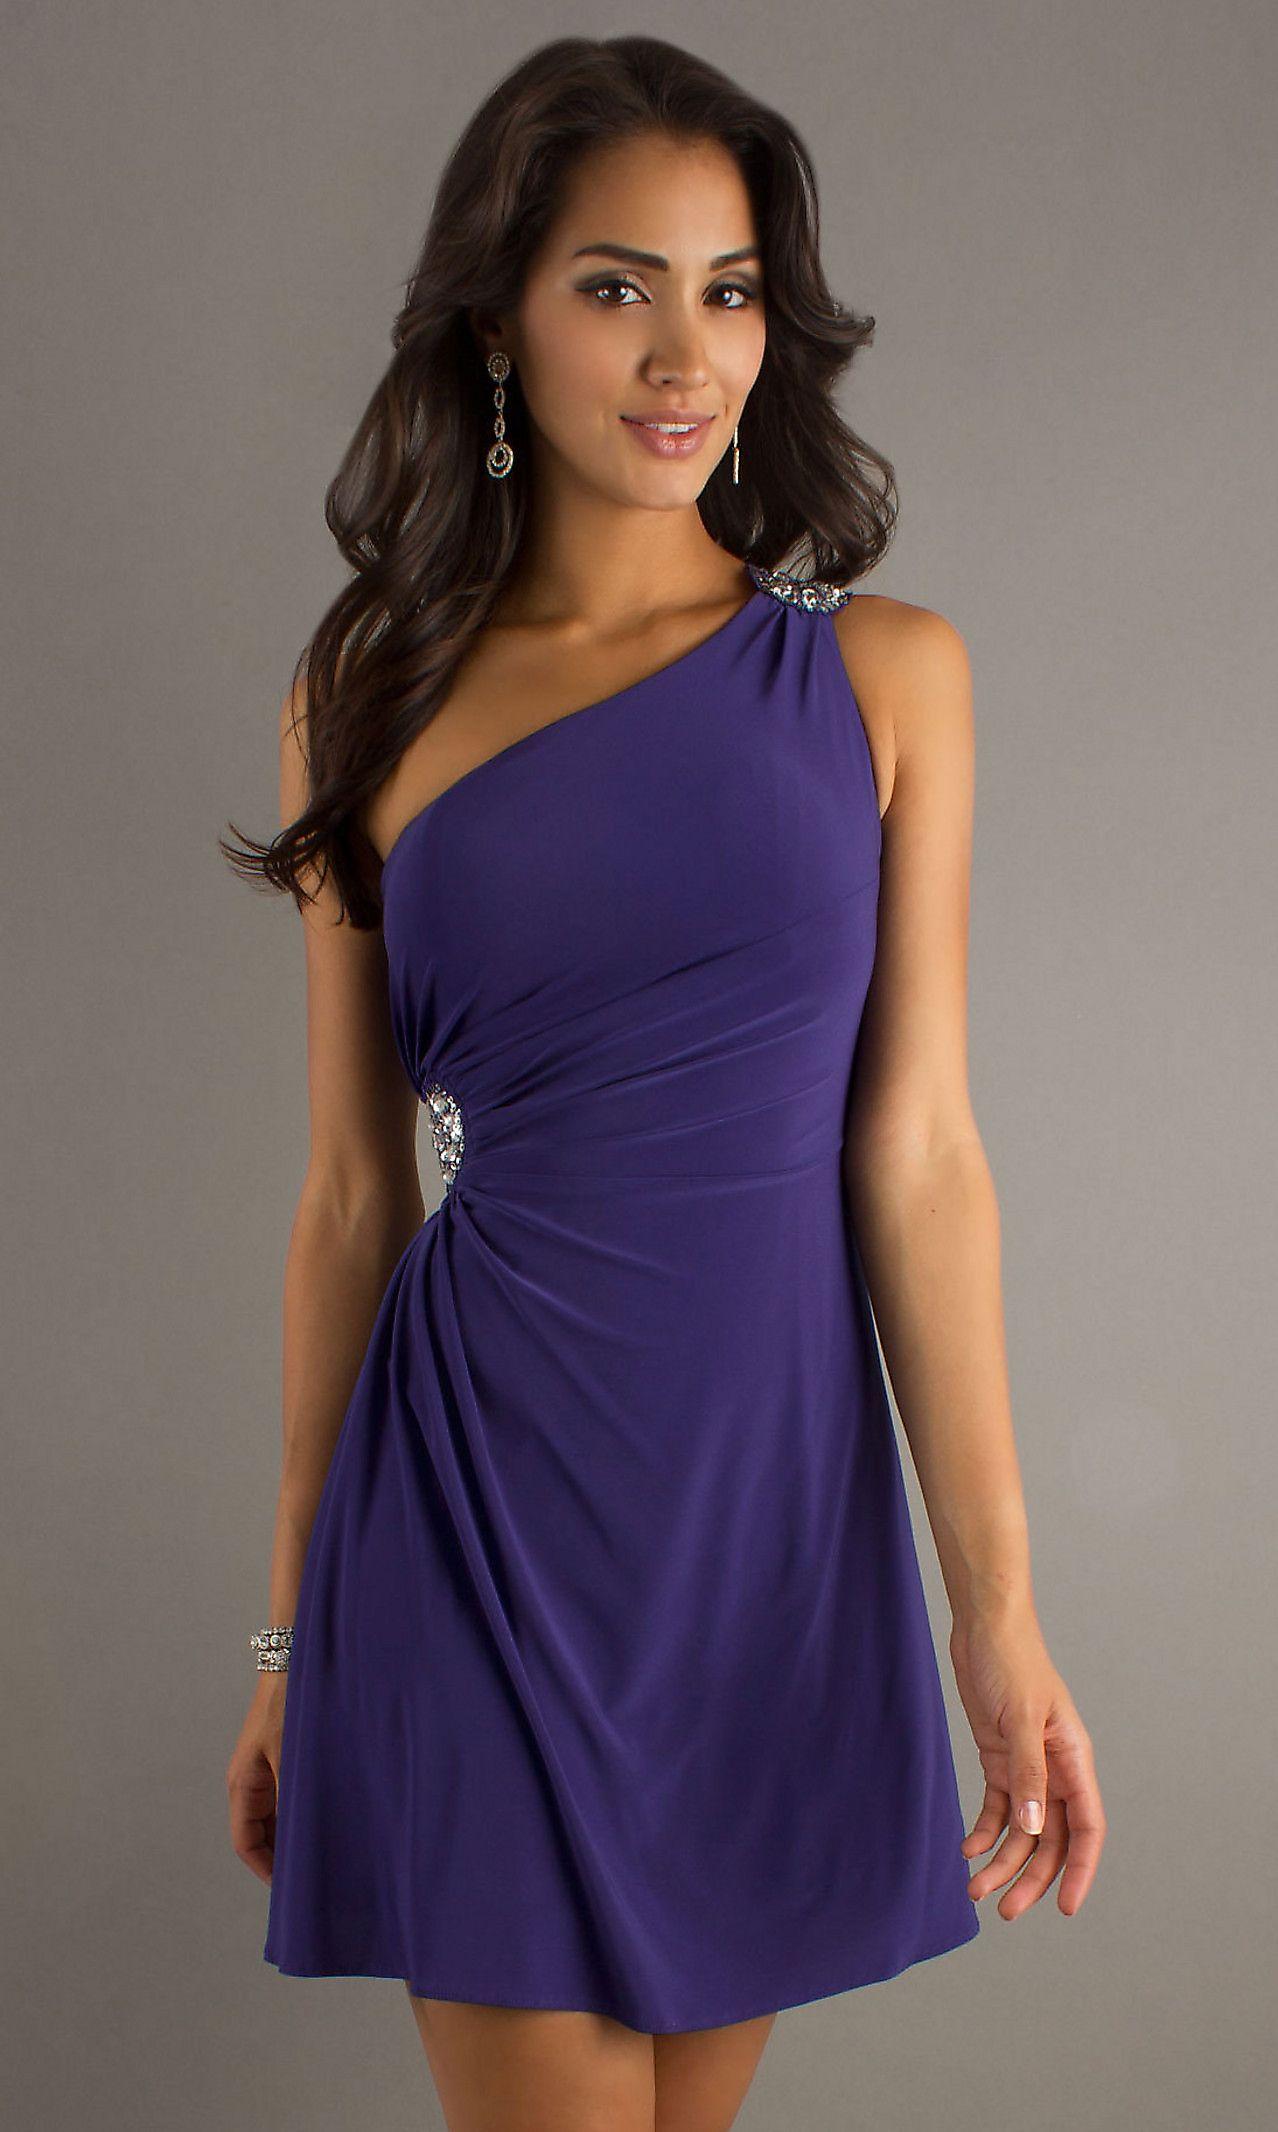 Short one shoulder dress hls cute dresses pinterest